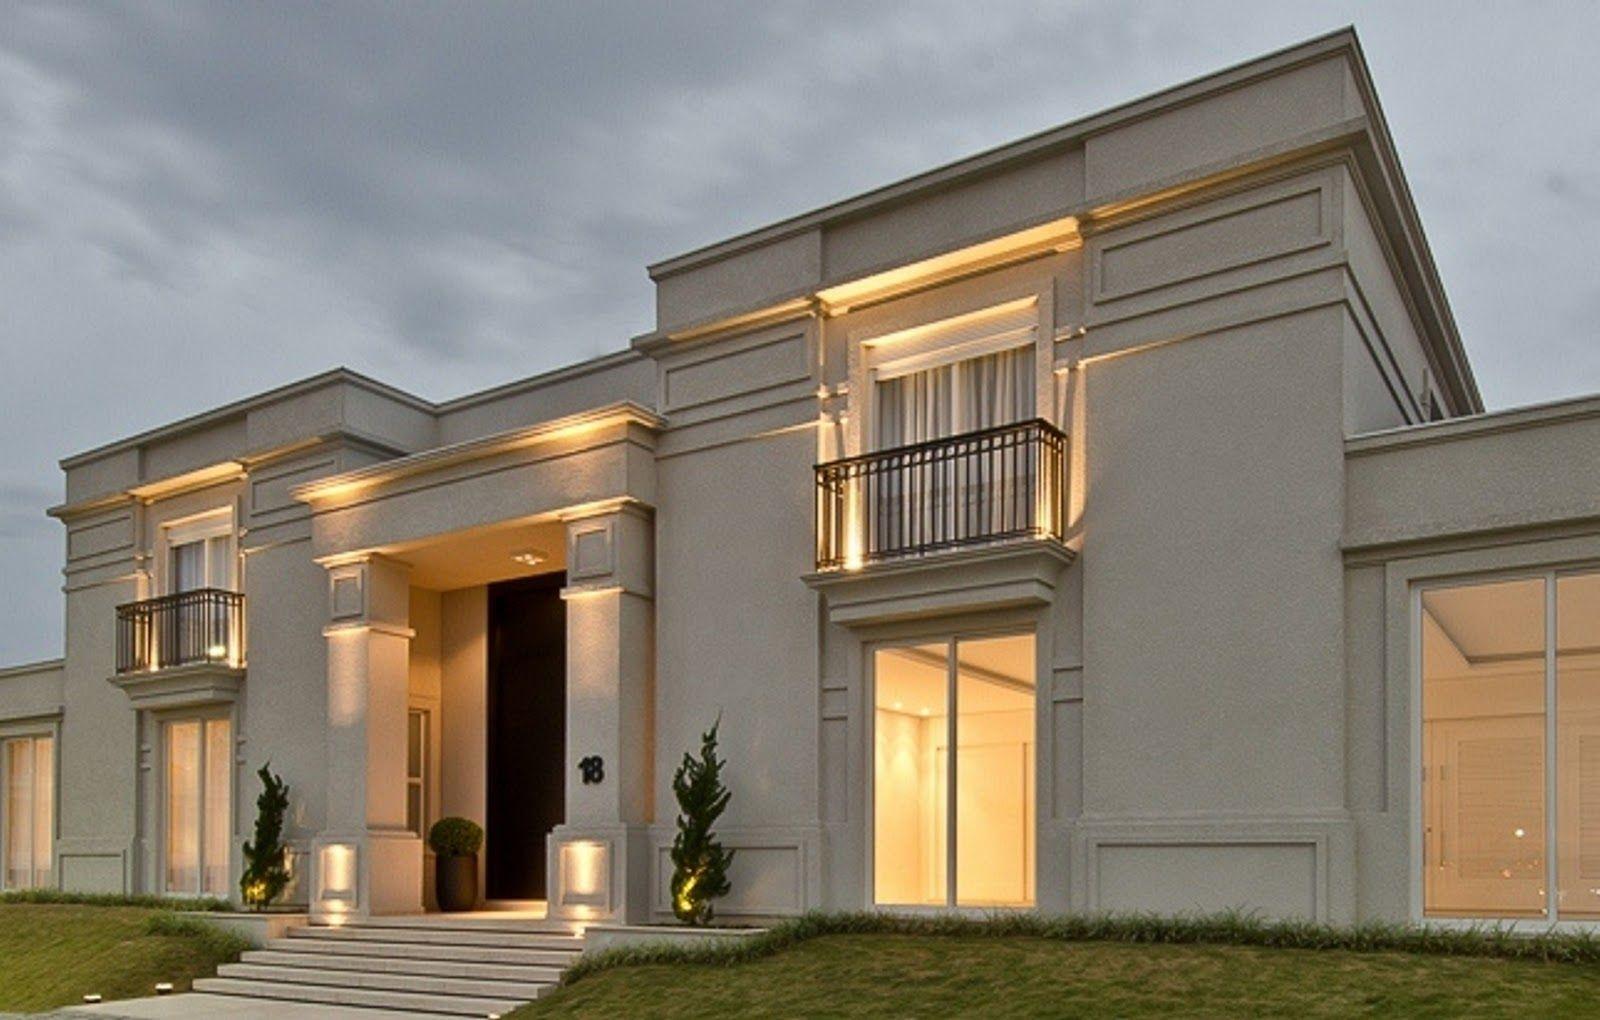 Fachadas de casas com estilo neocl ssico veja modelos for Casa classica moderna